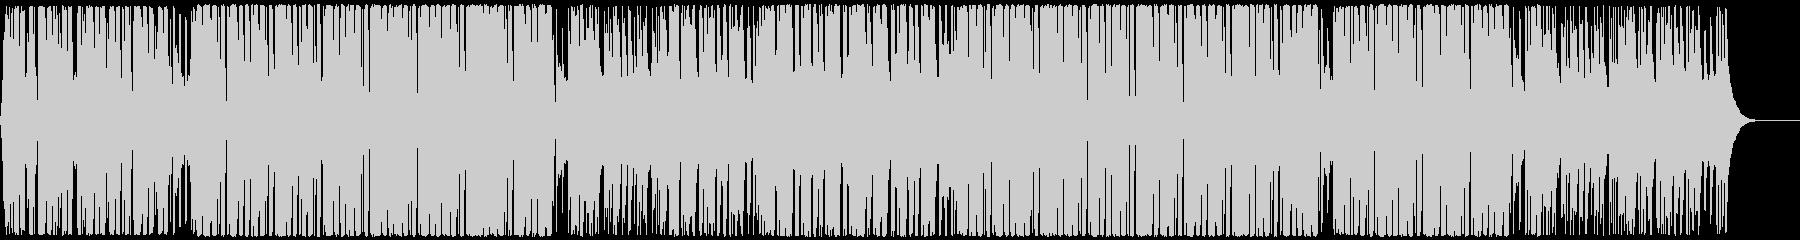 明るく前向きで軽やかなハウス CM・映像の未再生の波形